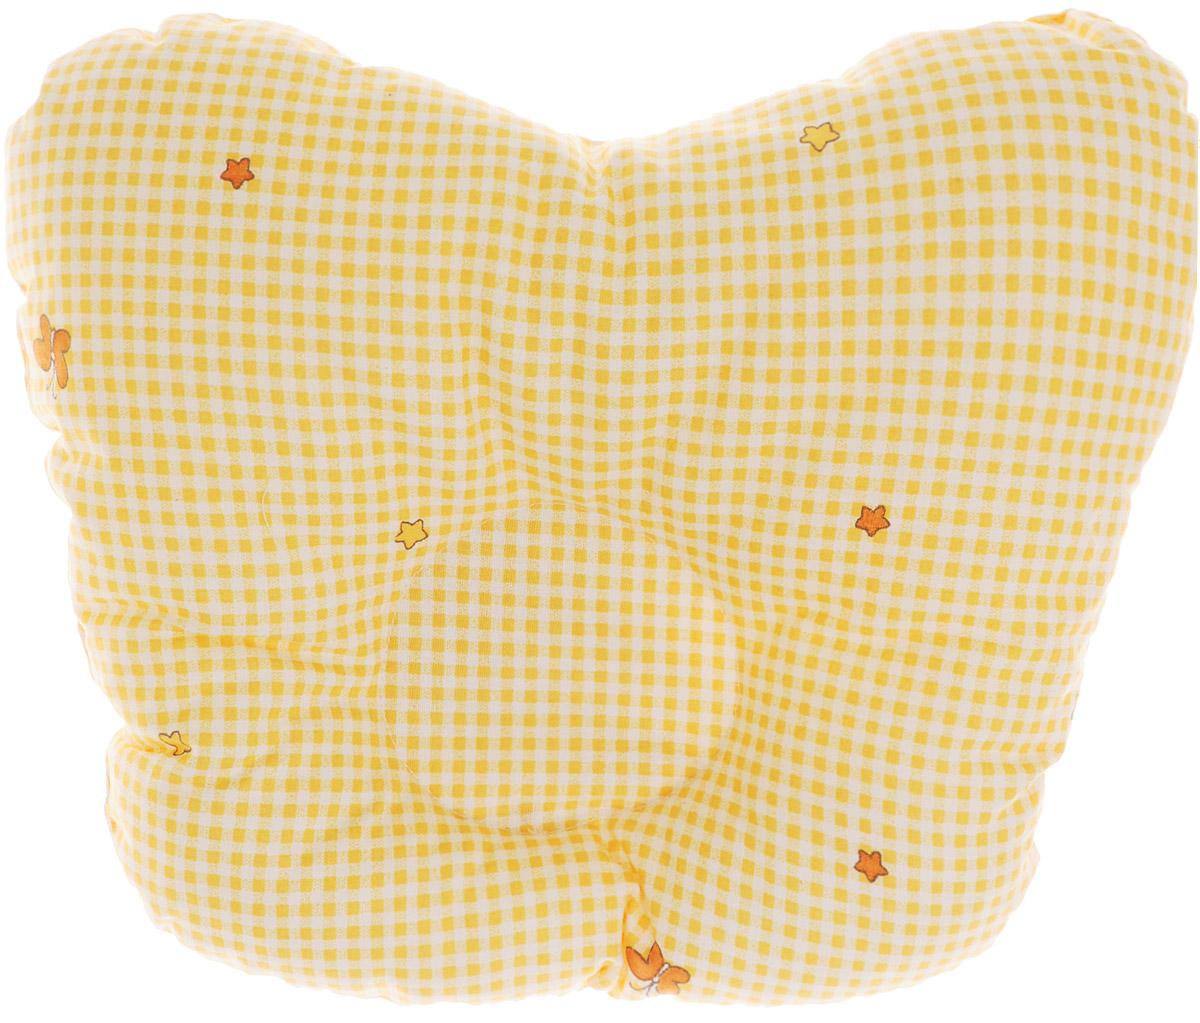 Сонный гномик Подушка анатомическая для младенцев Бабочки цвет желтый 27 х 27 см555А_желтый, бабочкиАнатомическая подушка для младенцев Сонный гномик Бабочки изготовлена из бязи - 100% хлопка. Наполнитель - синтепон в гранулах (100% полиэстер).Подушка компактна и удобна для пеленания малыша и кормления на руках, она также незаменима для сна ребенка в кроватке и комфортна для использования в коляске на прогулке. Углубление в подушке фиксирует правильное положение головы ребенка.Подушка помогает правильному формированию шейного отдела позвоночника.